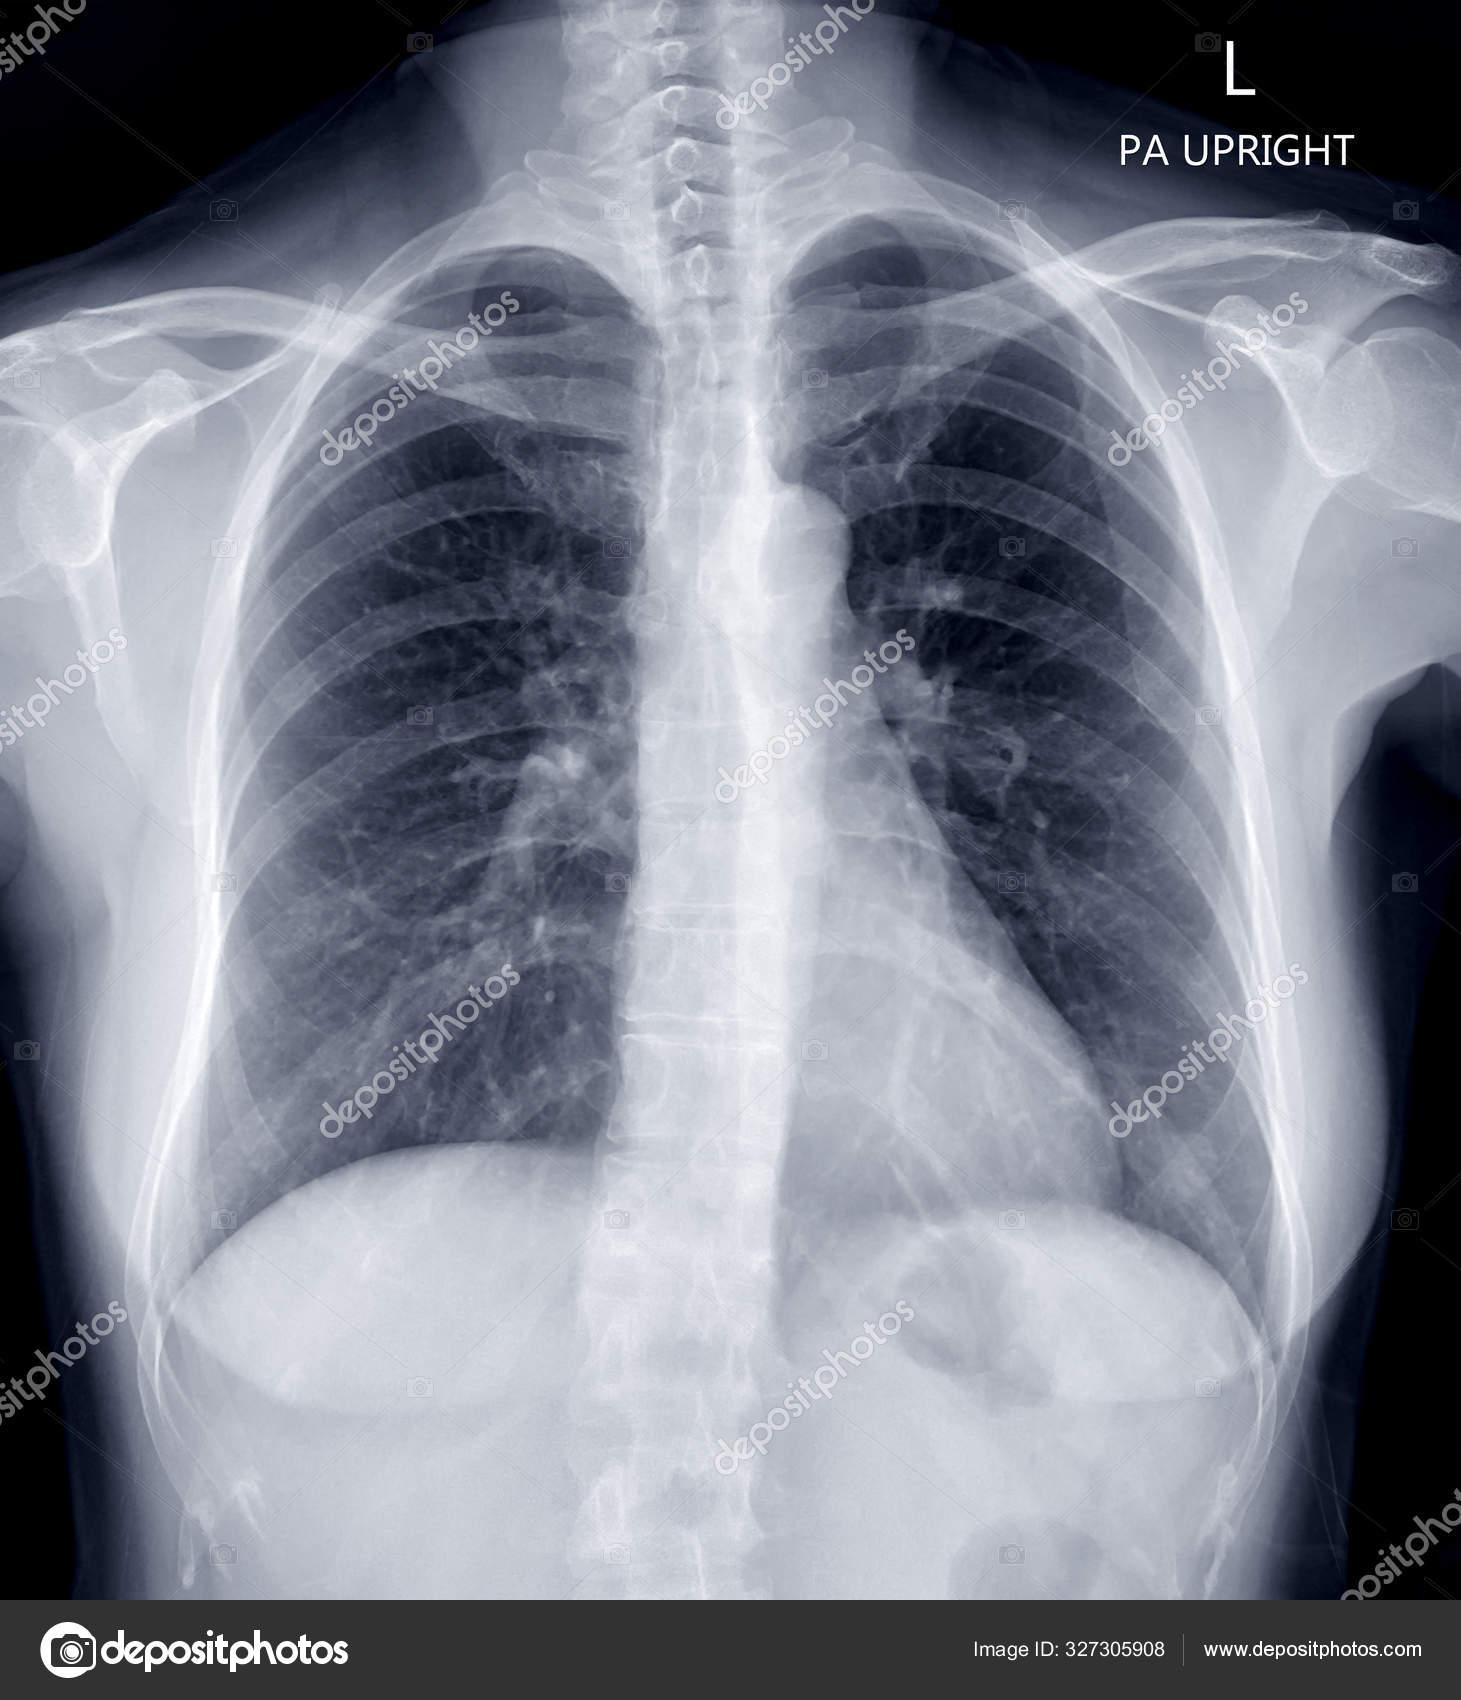 Ком в груди (грудине) посередине, при вдохе: причины